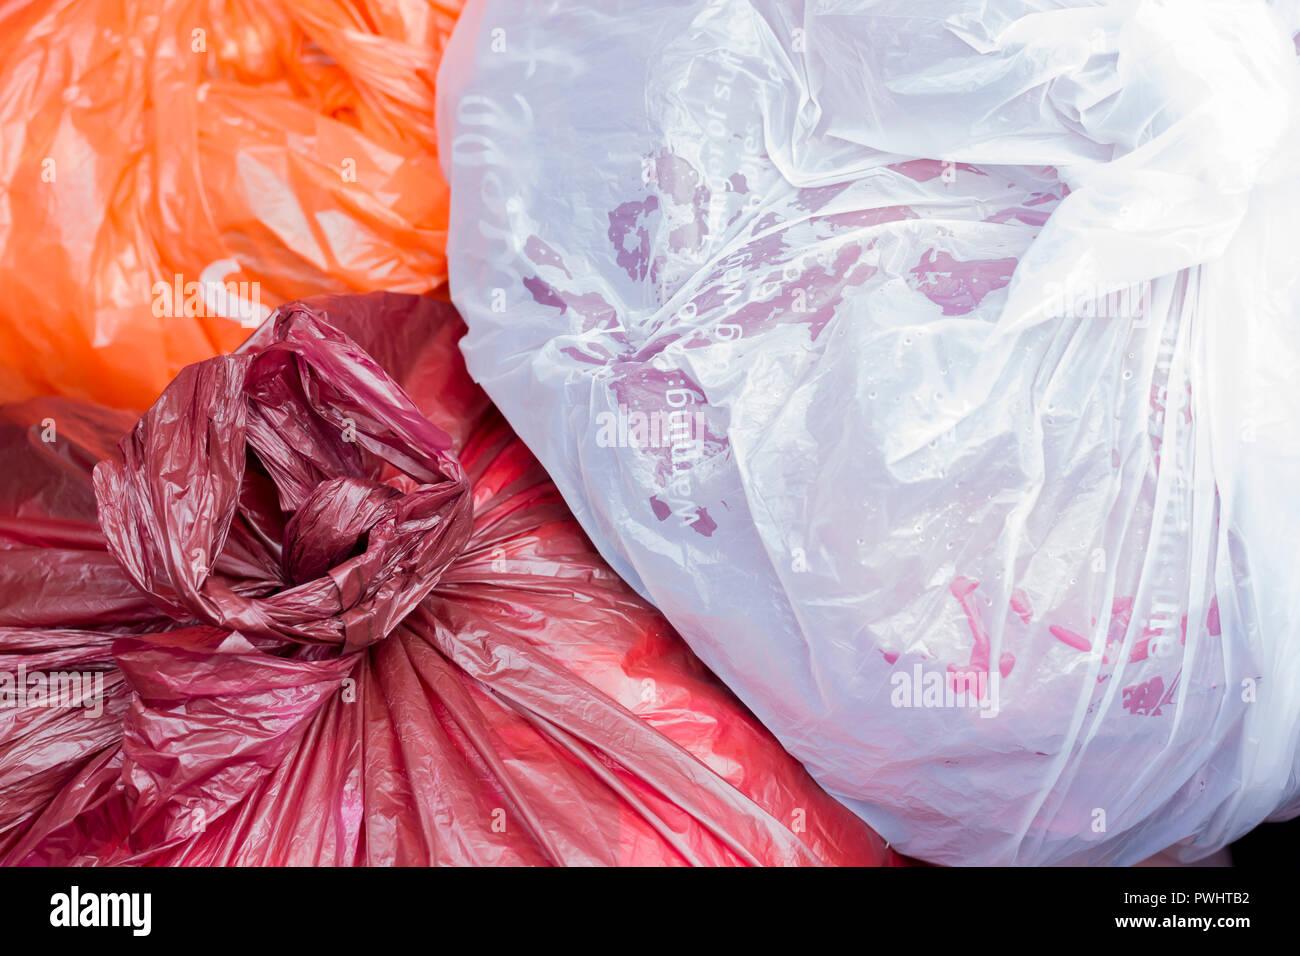 Rubbish, trash bags closeup, UK - Stock Image